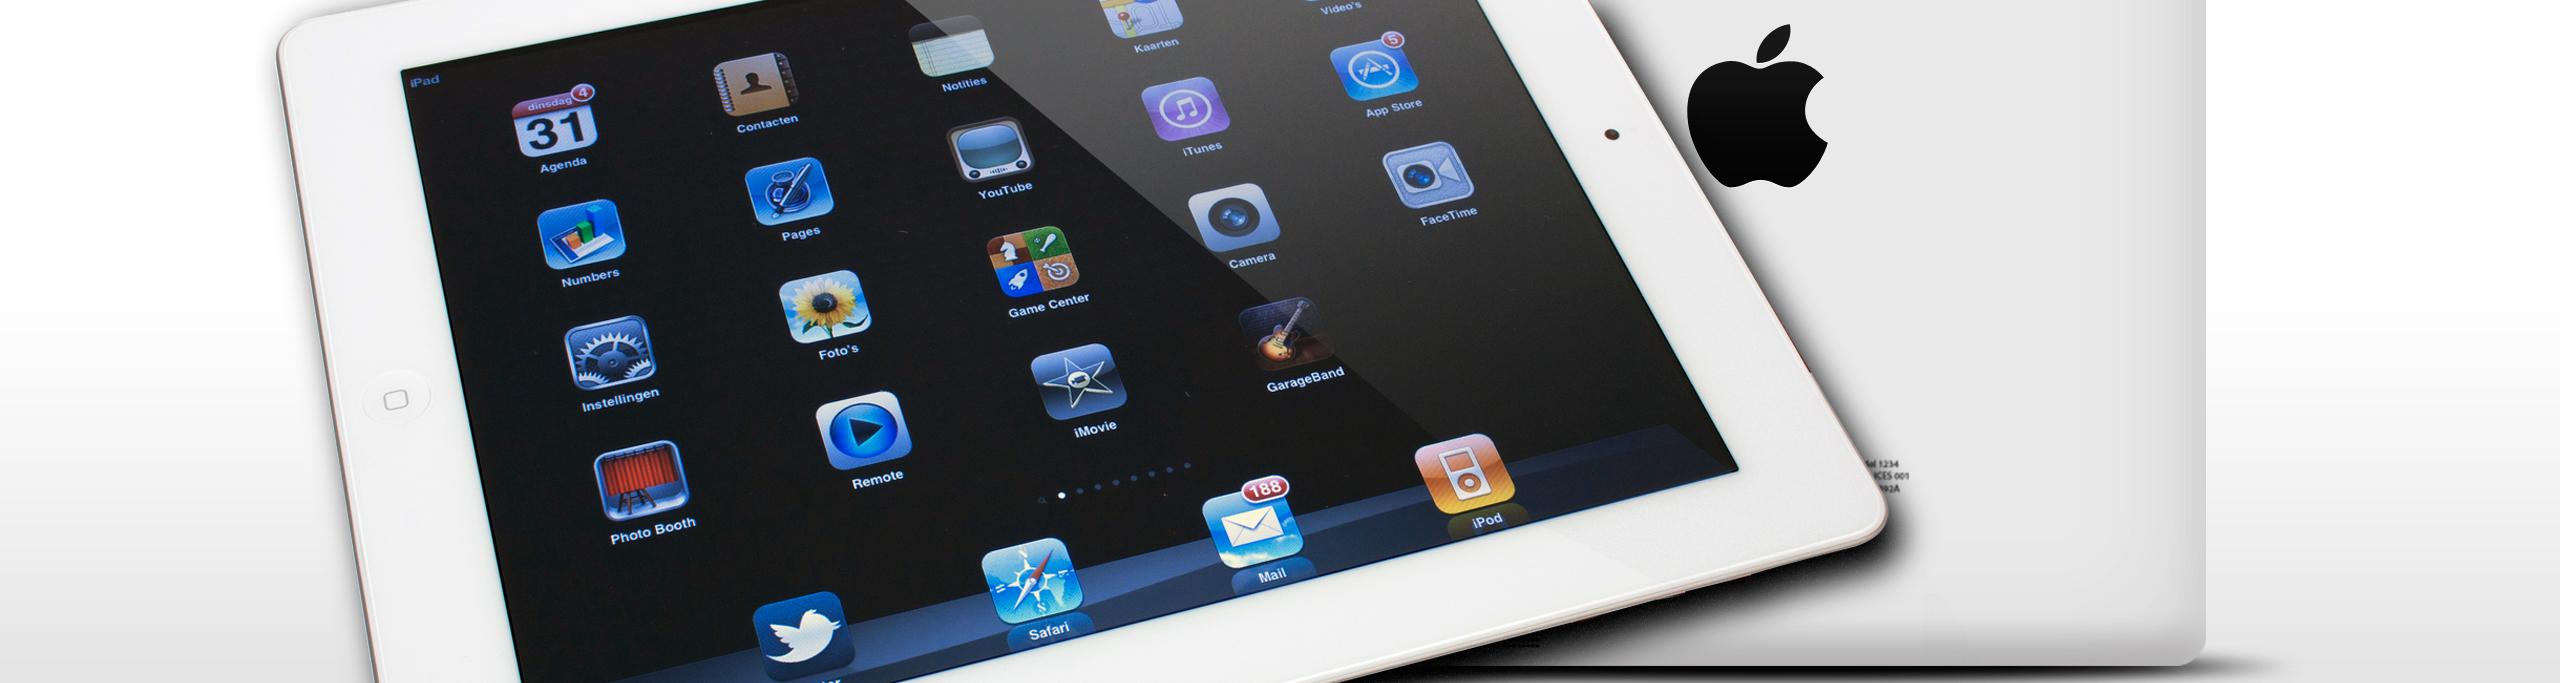 iPad 2 (A1395 / A1396 / A1397)